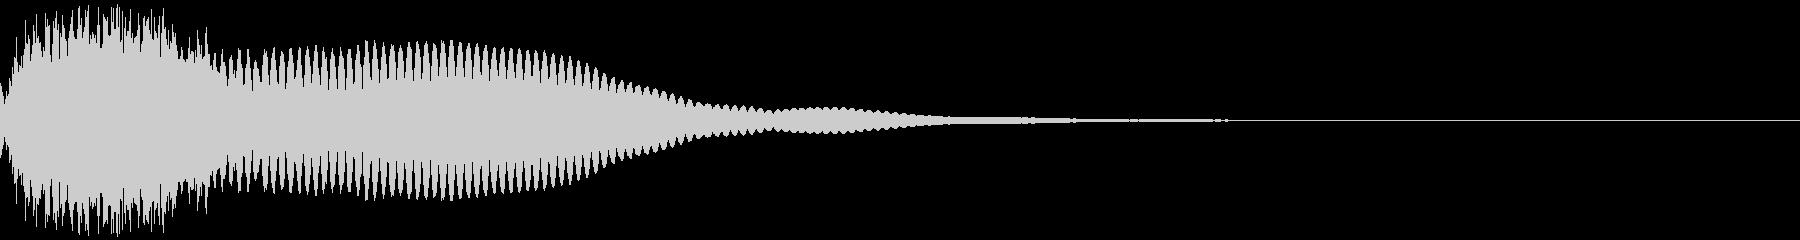 カットイン テロップ 商品 割引 05の未再生の波形